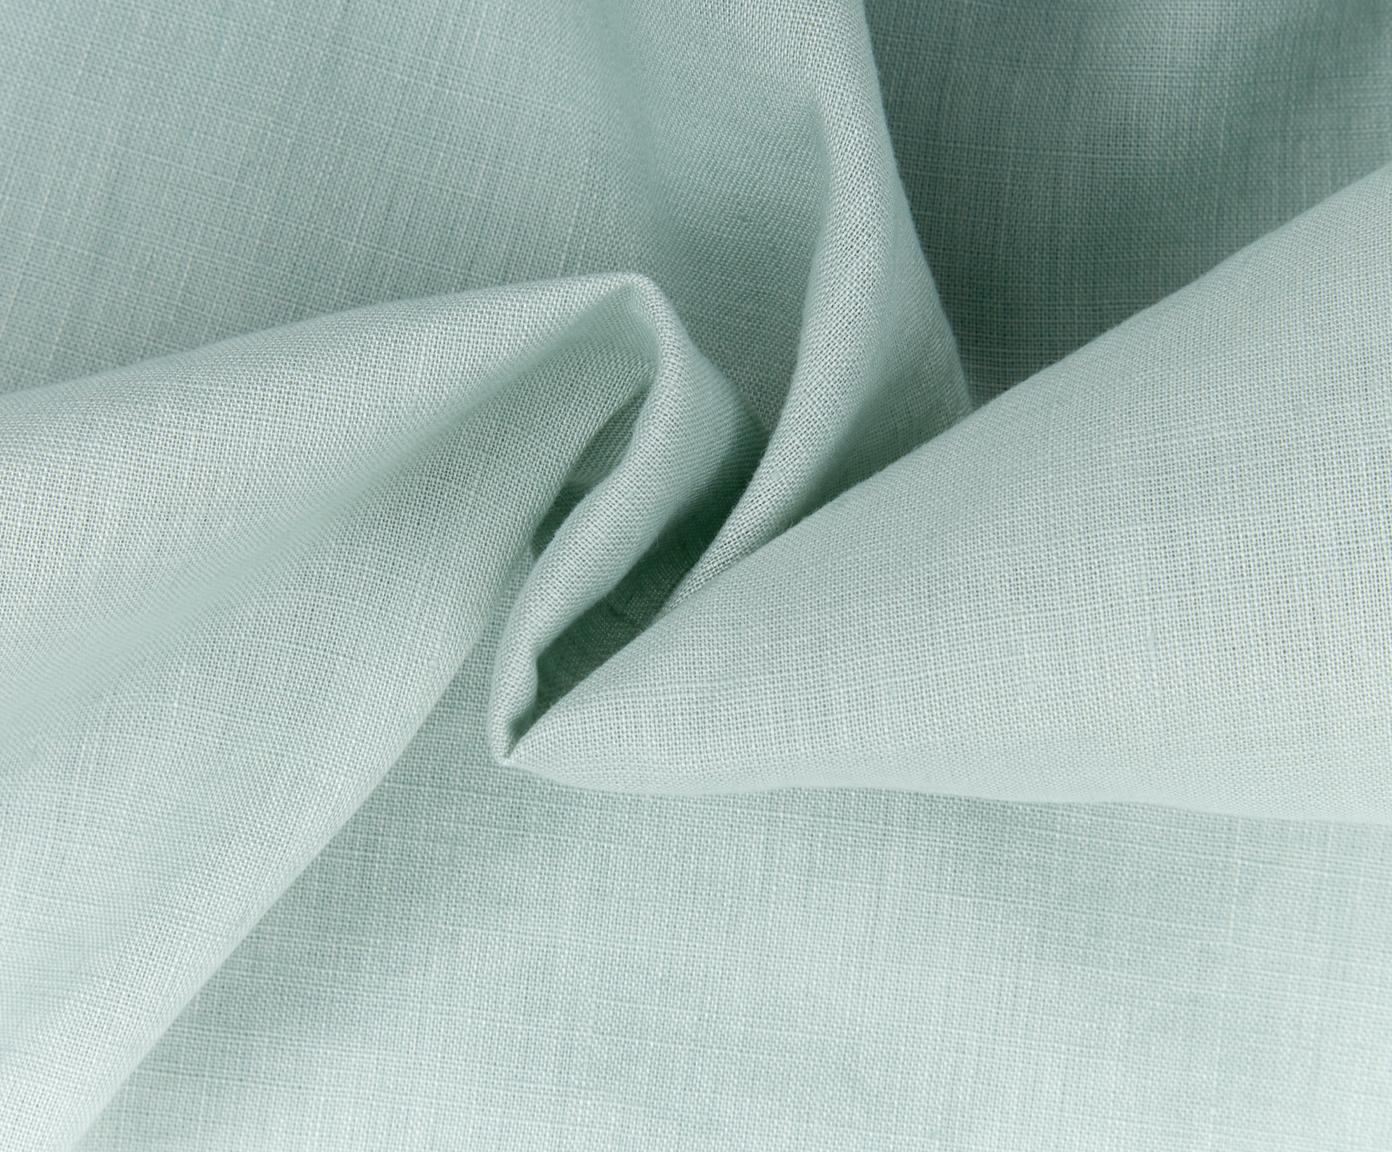 Dubbelzijdige linnen dekbedovertrek Natural met onderzijde van perkal, Bovenzijde: 65% linnen, 35% katoen, Onderzijde: katoen, Weeftechniek: perkal Draaddichtheid 200, Jadegroen, 240 x 220 cm